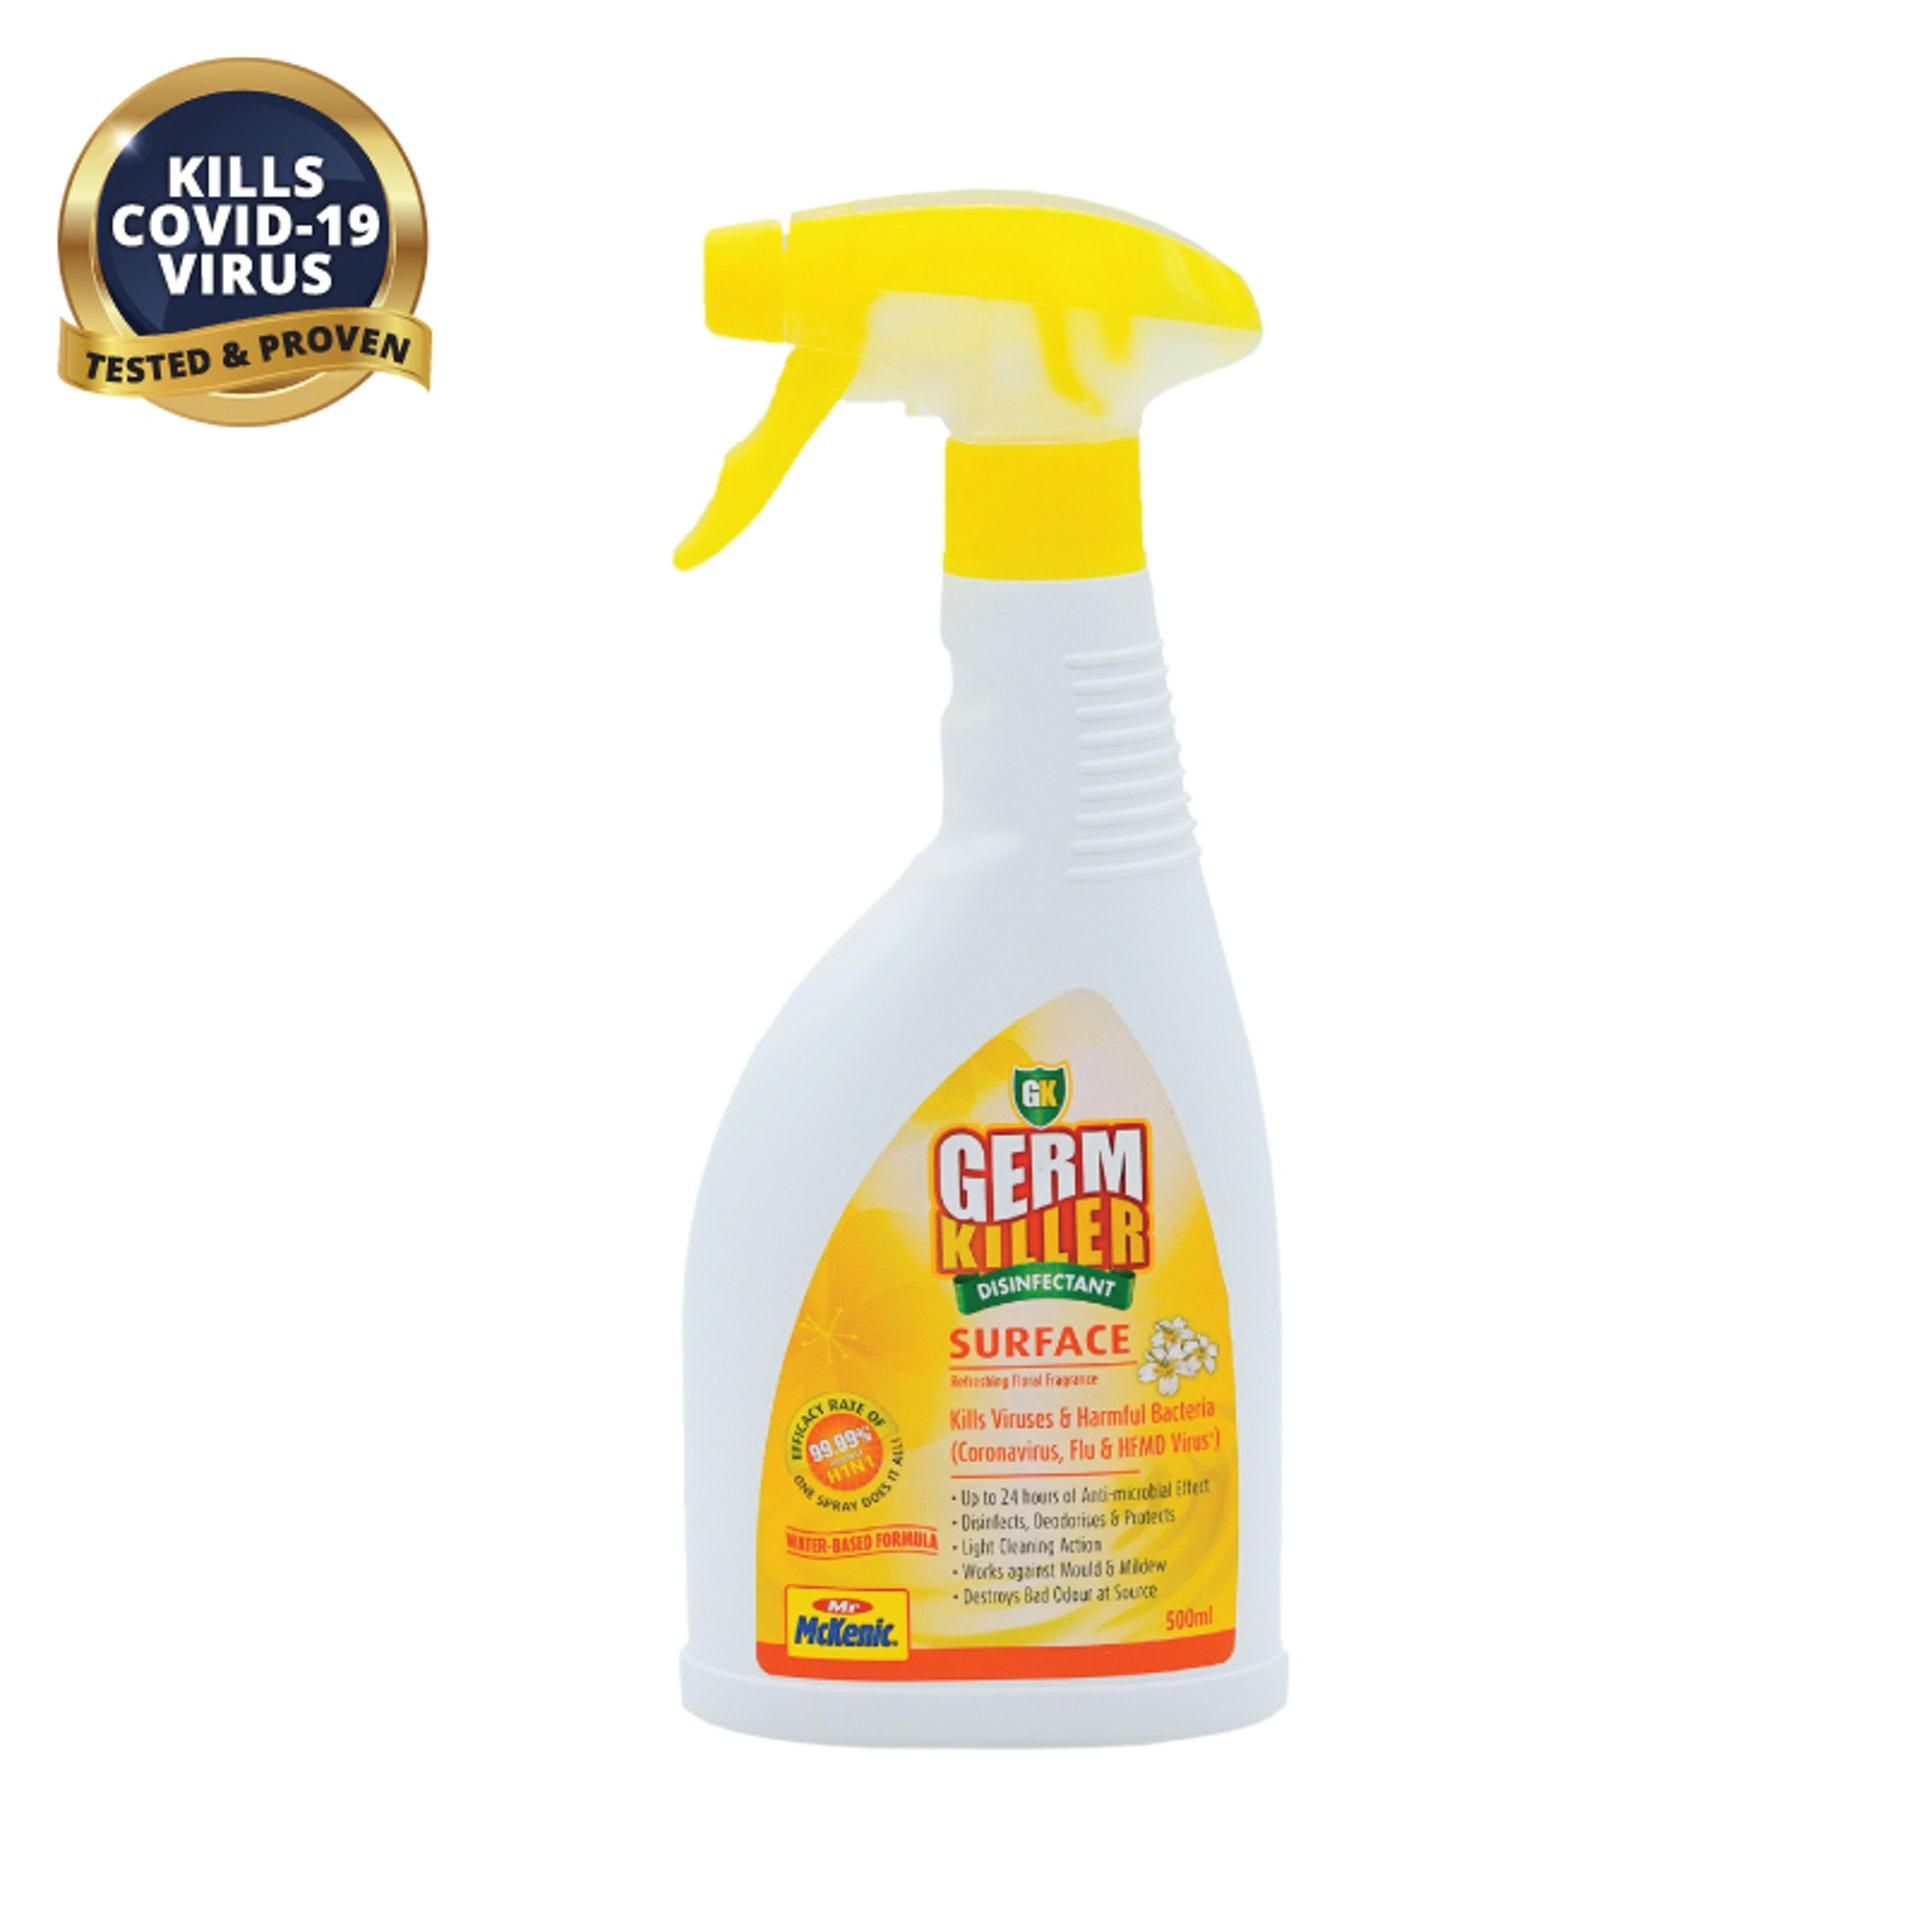 GK淨可立® 殺菌清潔噴霧™的多重功效配方令清潔及消毒一步到位,是十分方便而且不用稀釋的消毒劑。